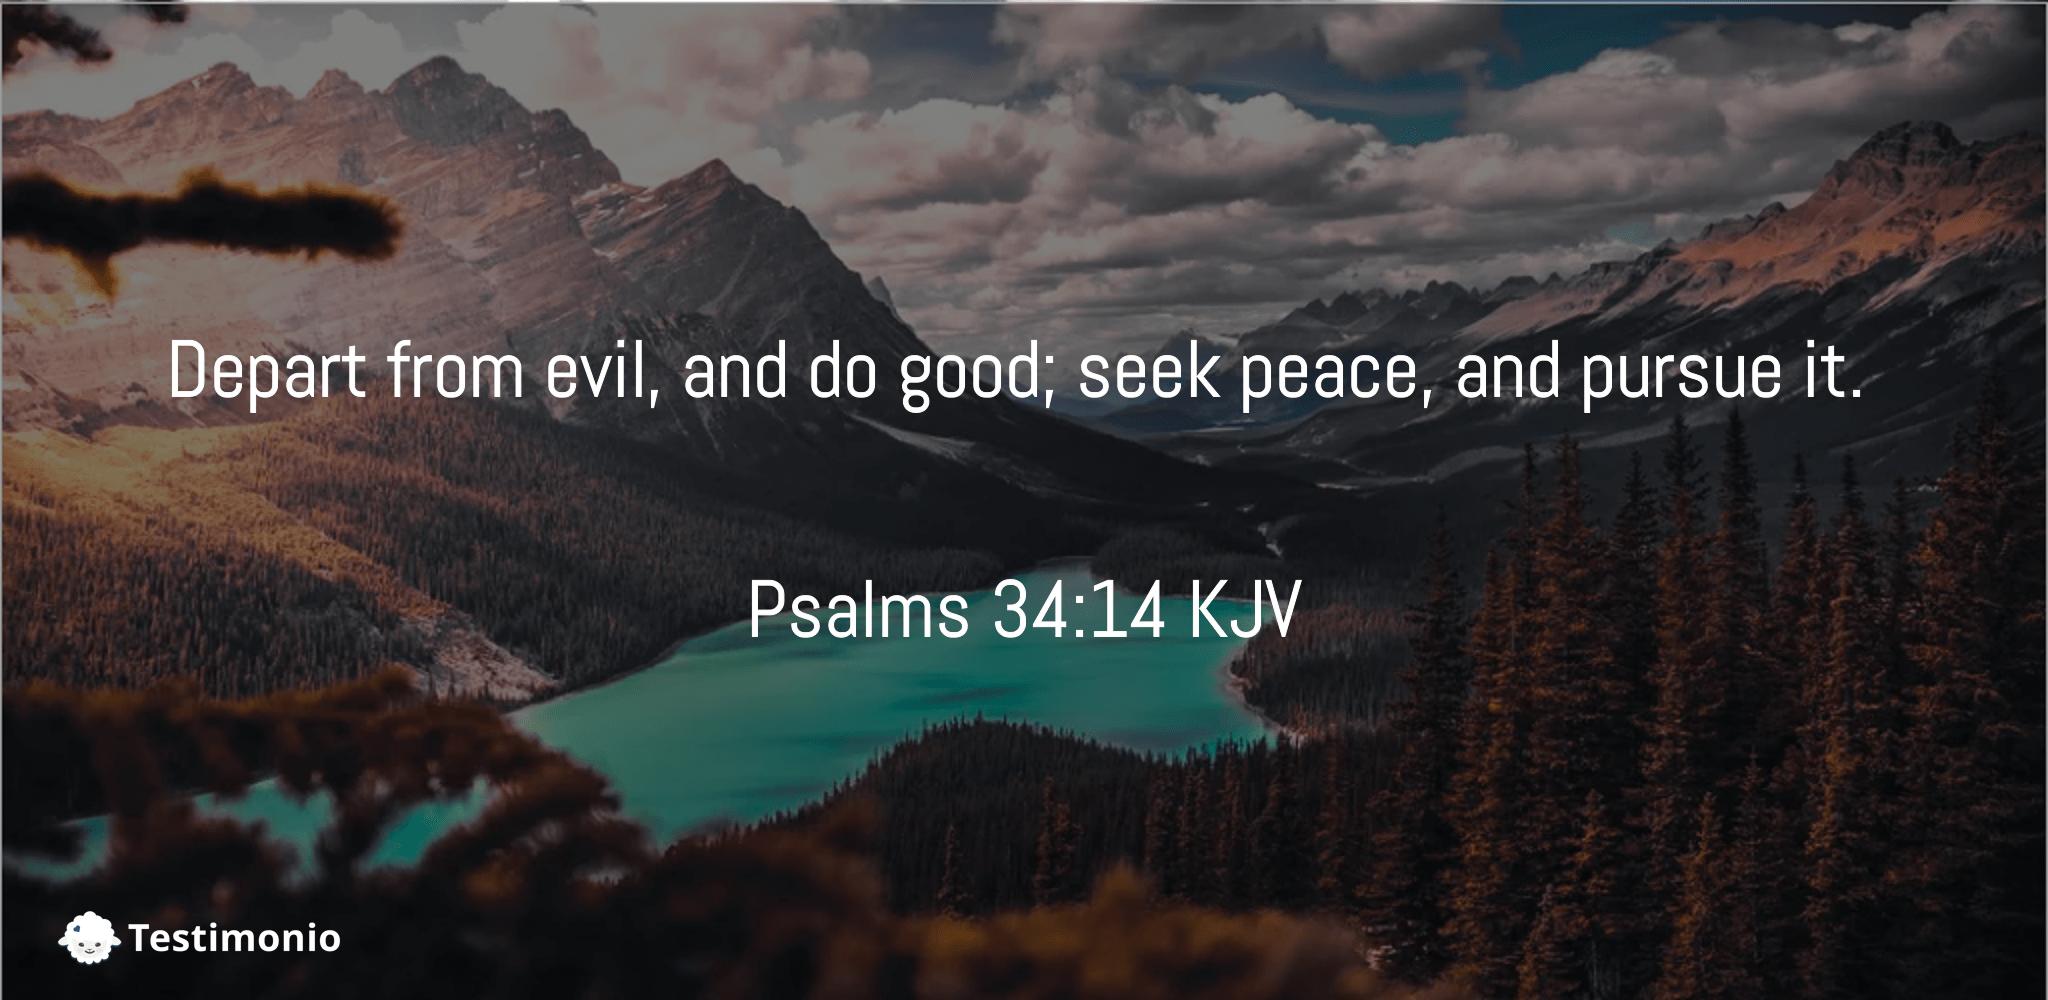 Psalms 34:14